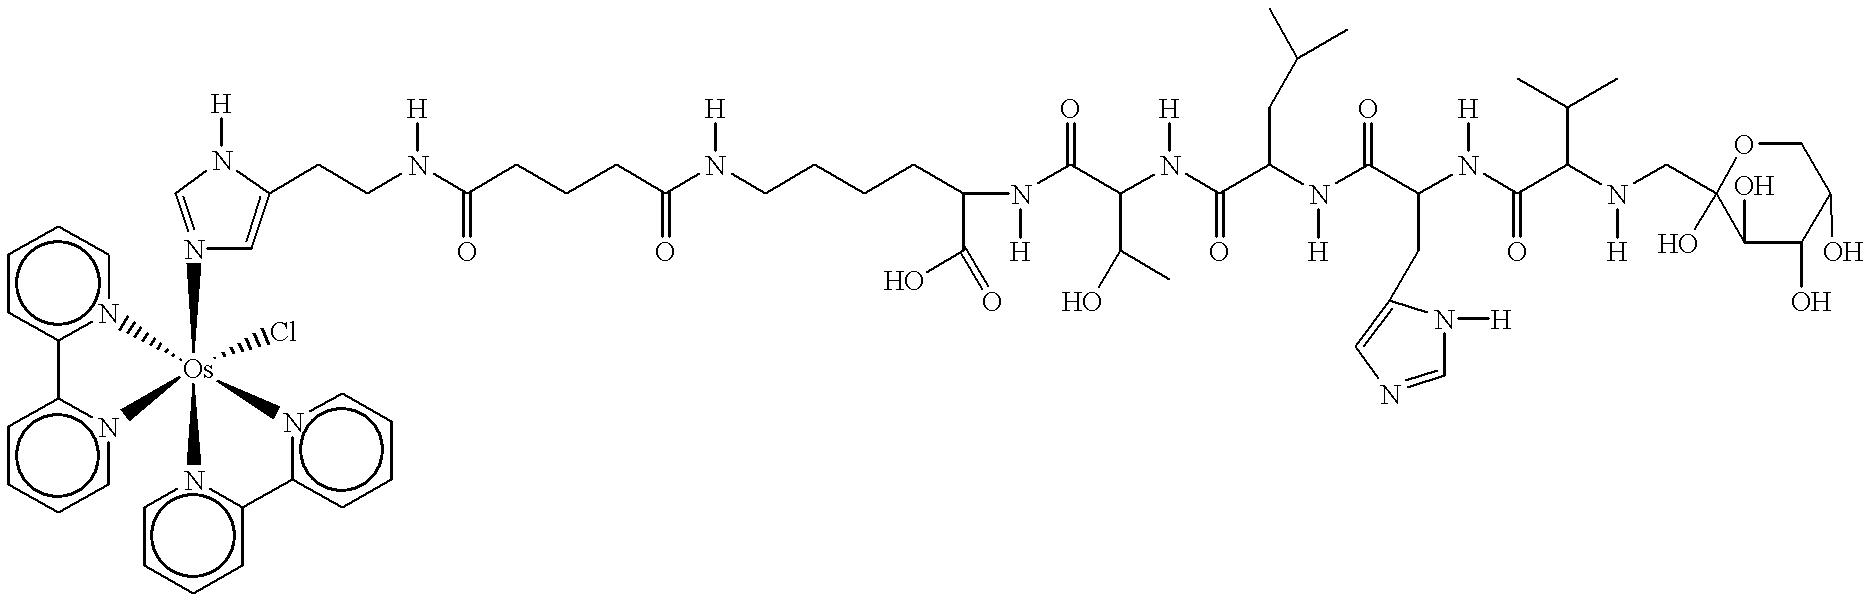 Figure US06294062-20010925-C00005